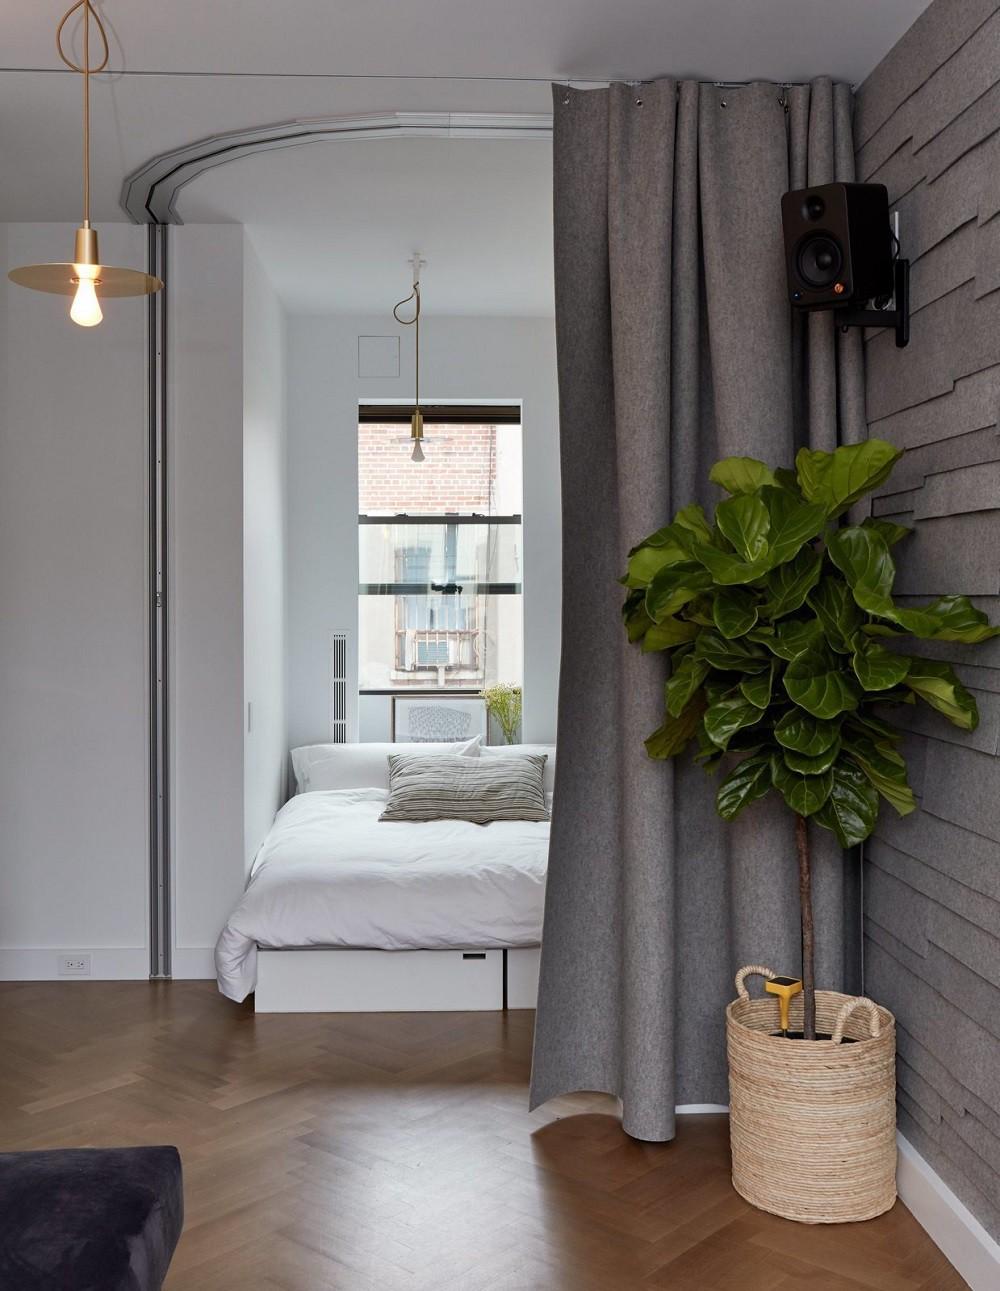 """10 thiết kế phòng ngủ dưới đây sẽ cho bạn thấy dù nhà bạn có chật thế nào, kiến trúc sư vẫn """"xơi tái"""" được hết - Ảnh 5."""